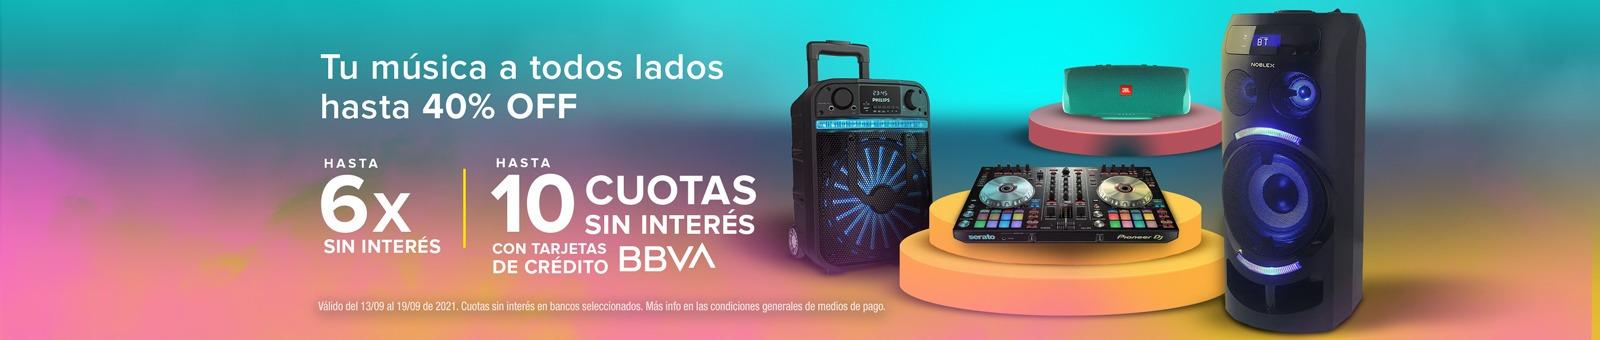 Especial Audio 25% OFF, 6 cuotas sin interés y 10 cuotas sin interés con tarjeta BBVA